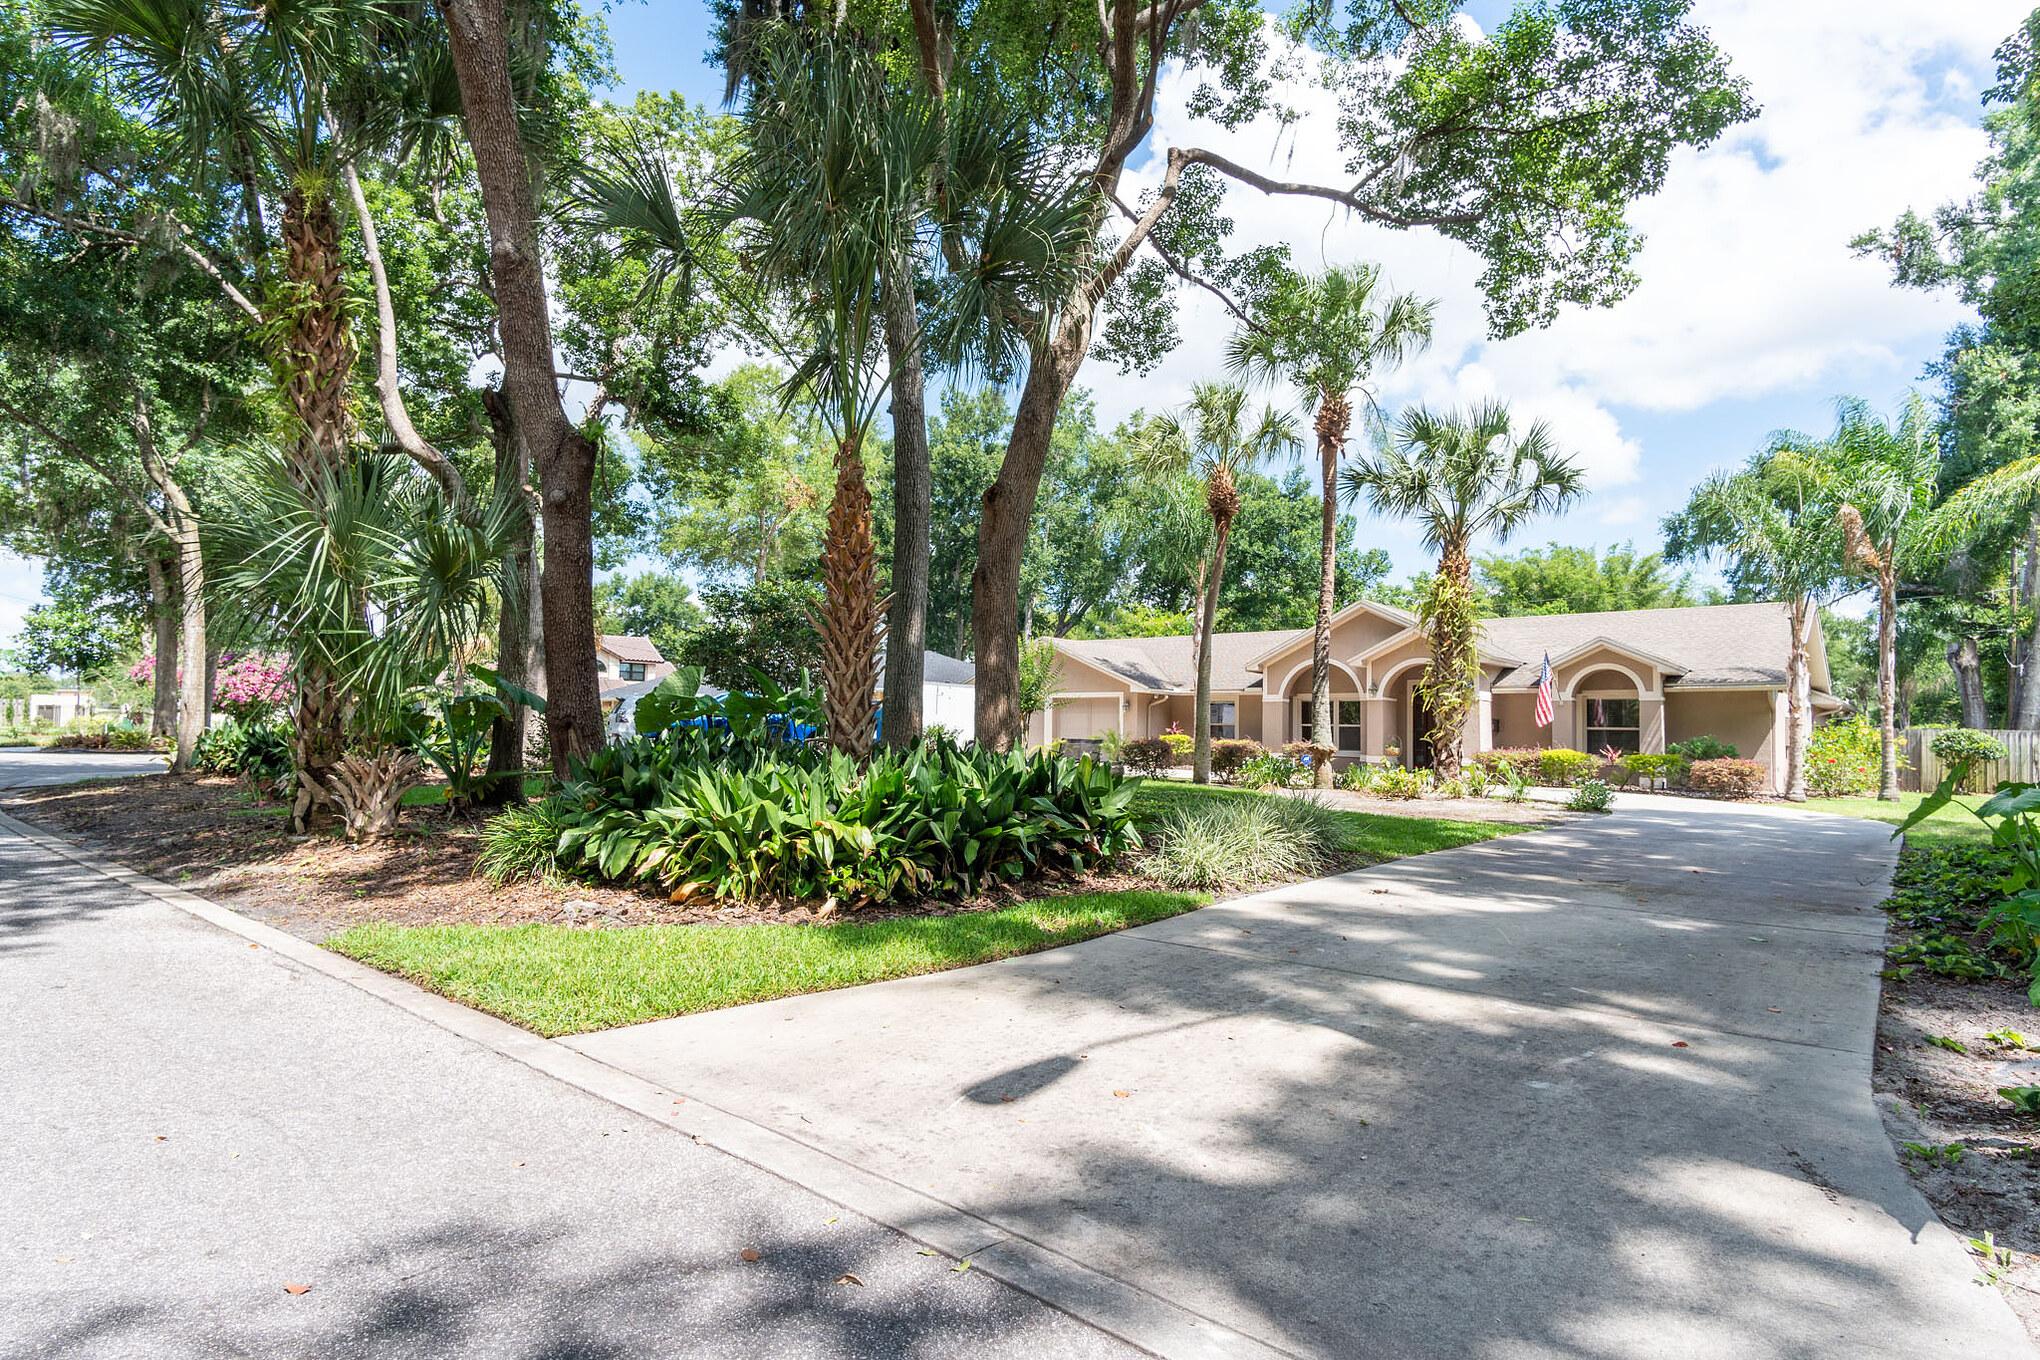 W Sybelia Ave Maitland FL 32751 Parade of Home Entry